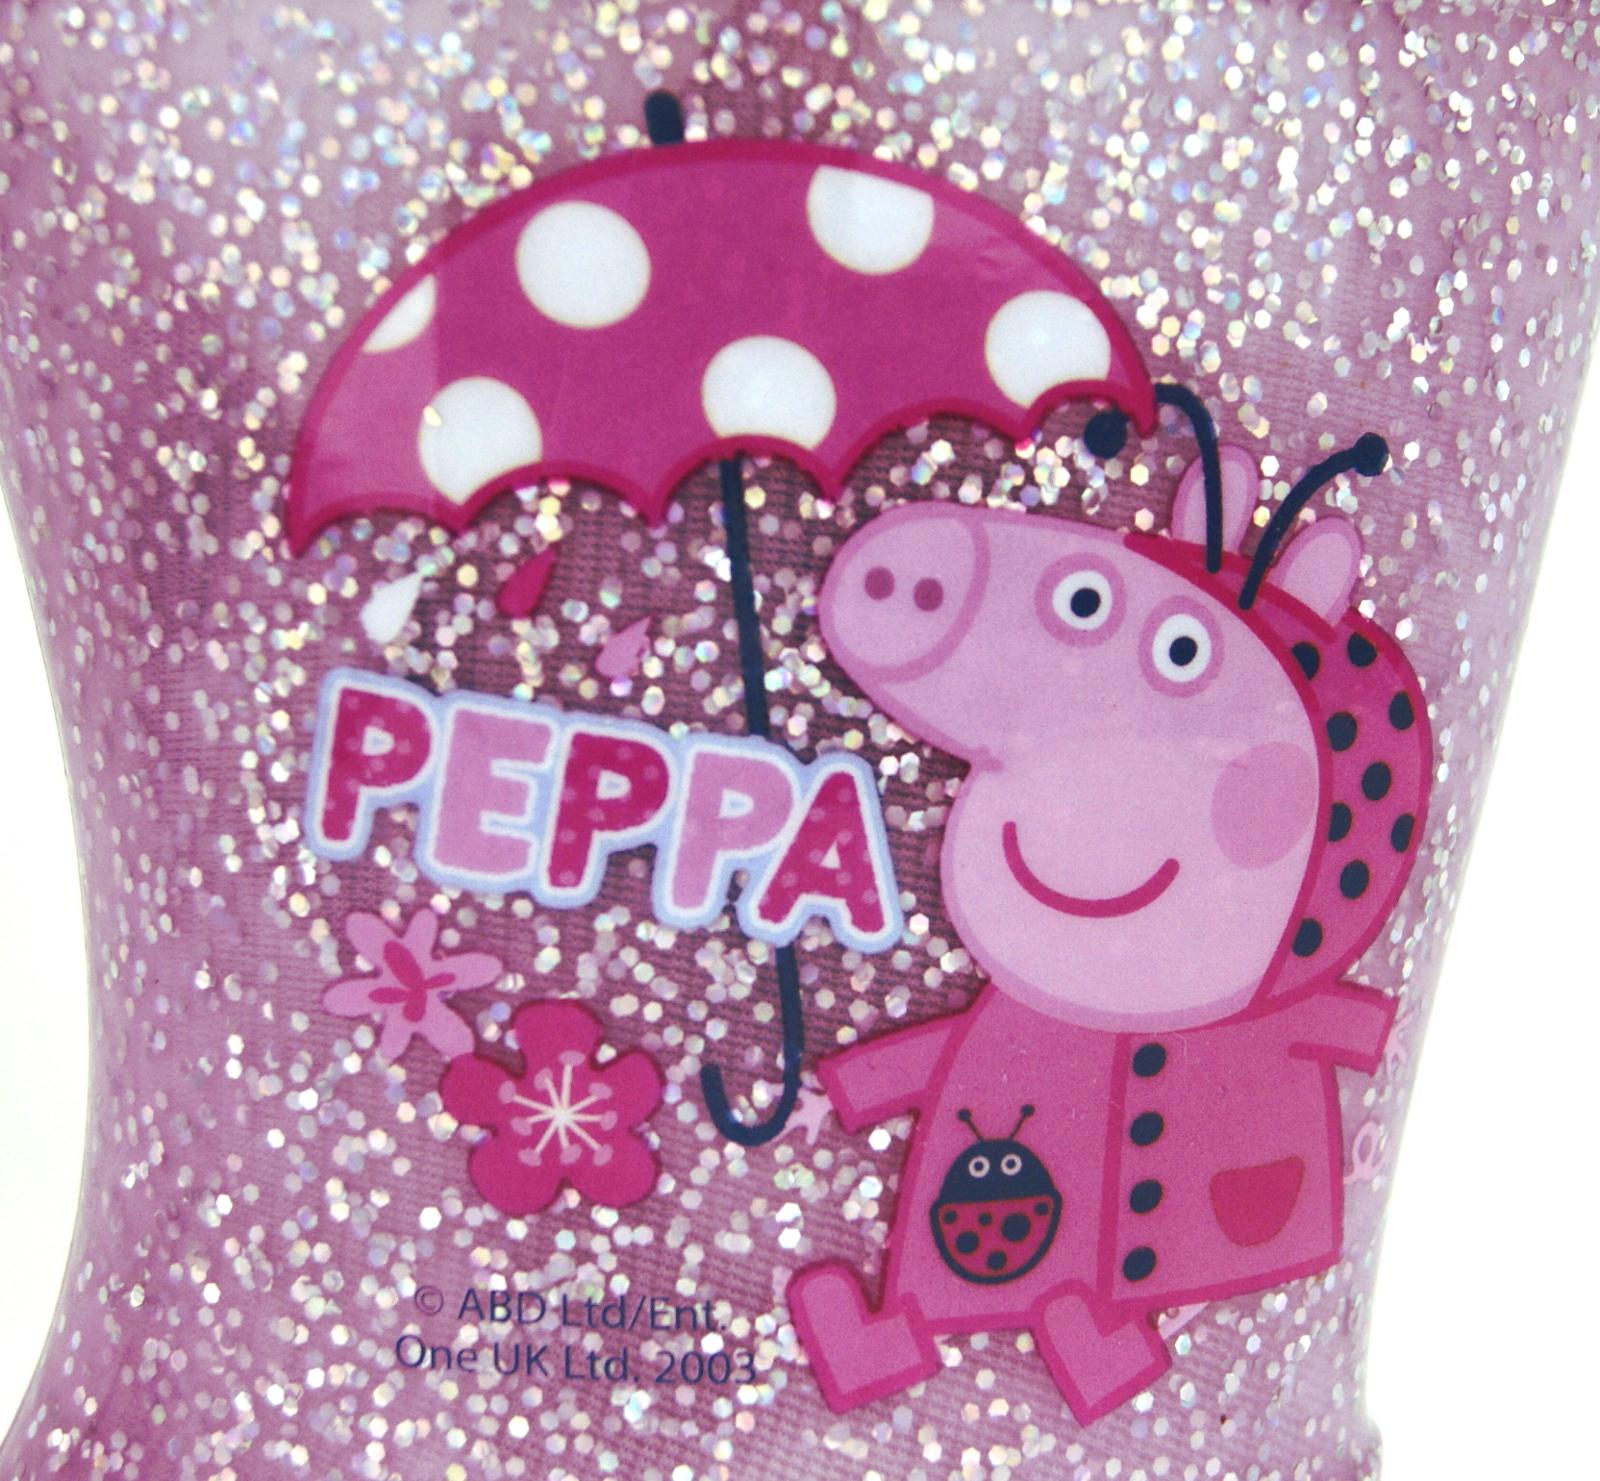 Girls-Peppa-Pig-Wellington-Boots-Mid-Calf-Gitter-Snow-Rain-Wellies-Kids-Size Indexbild 25